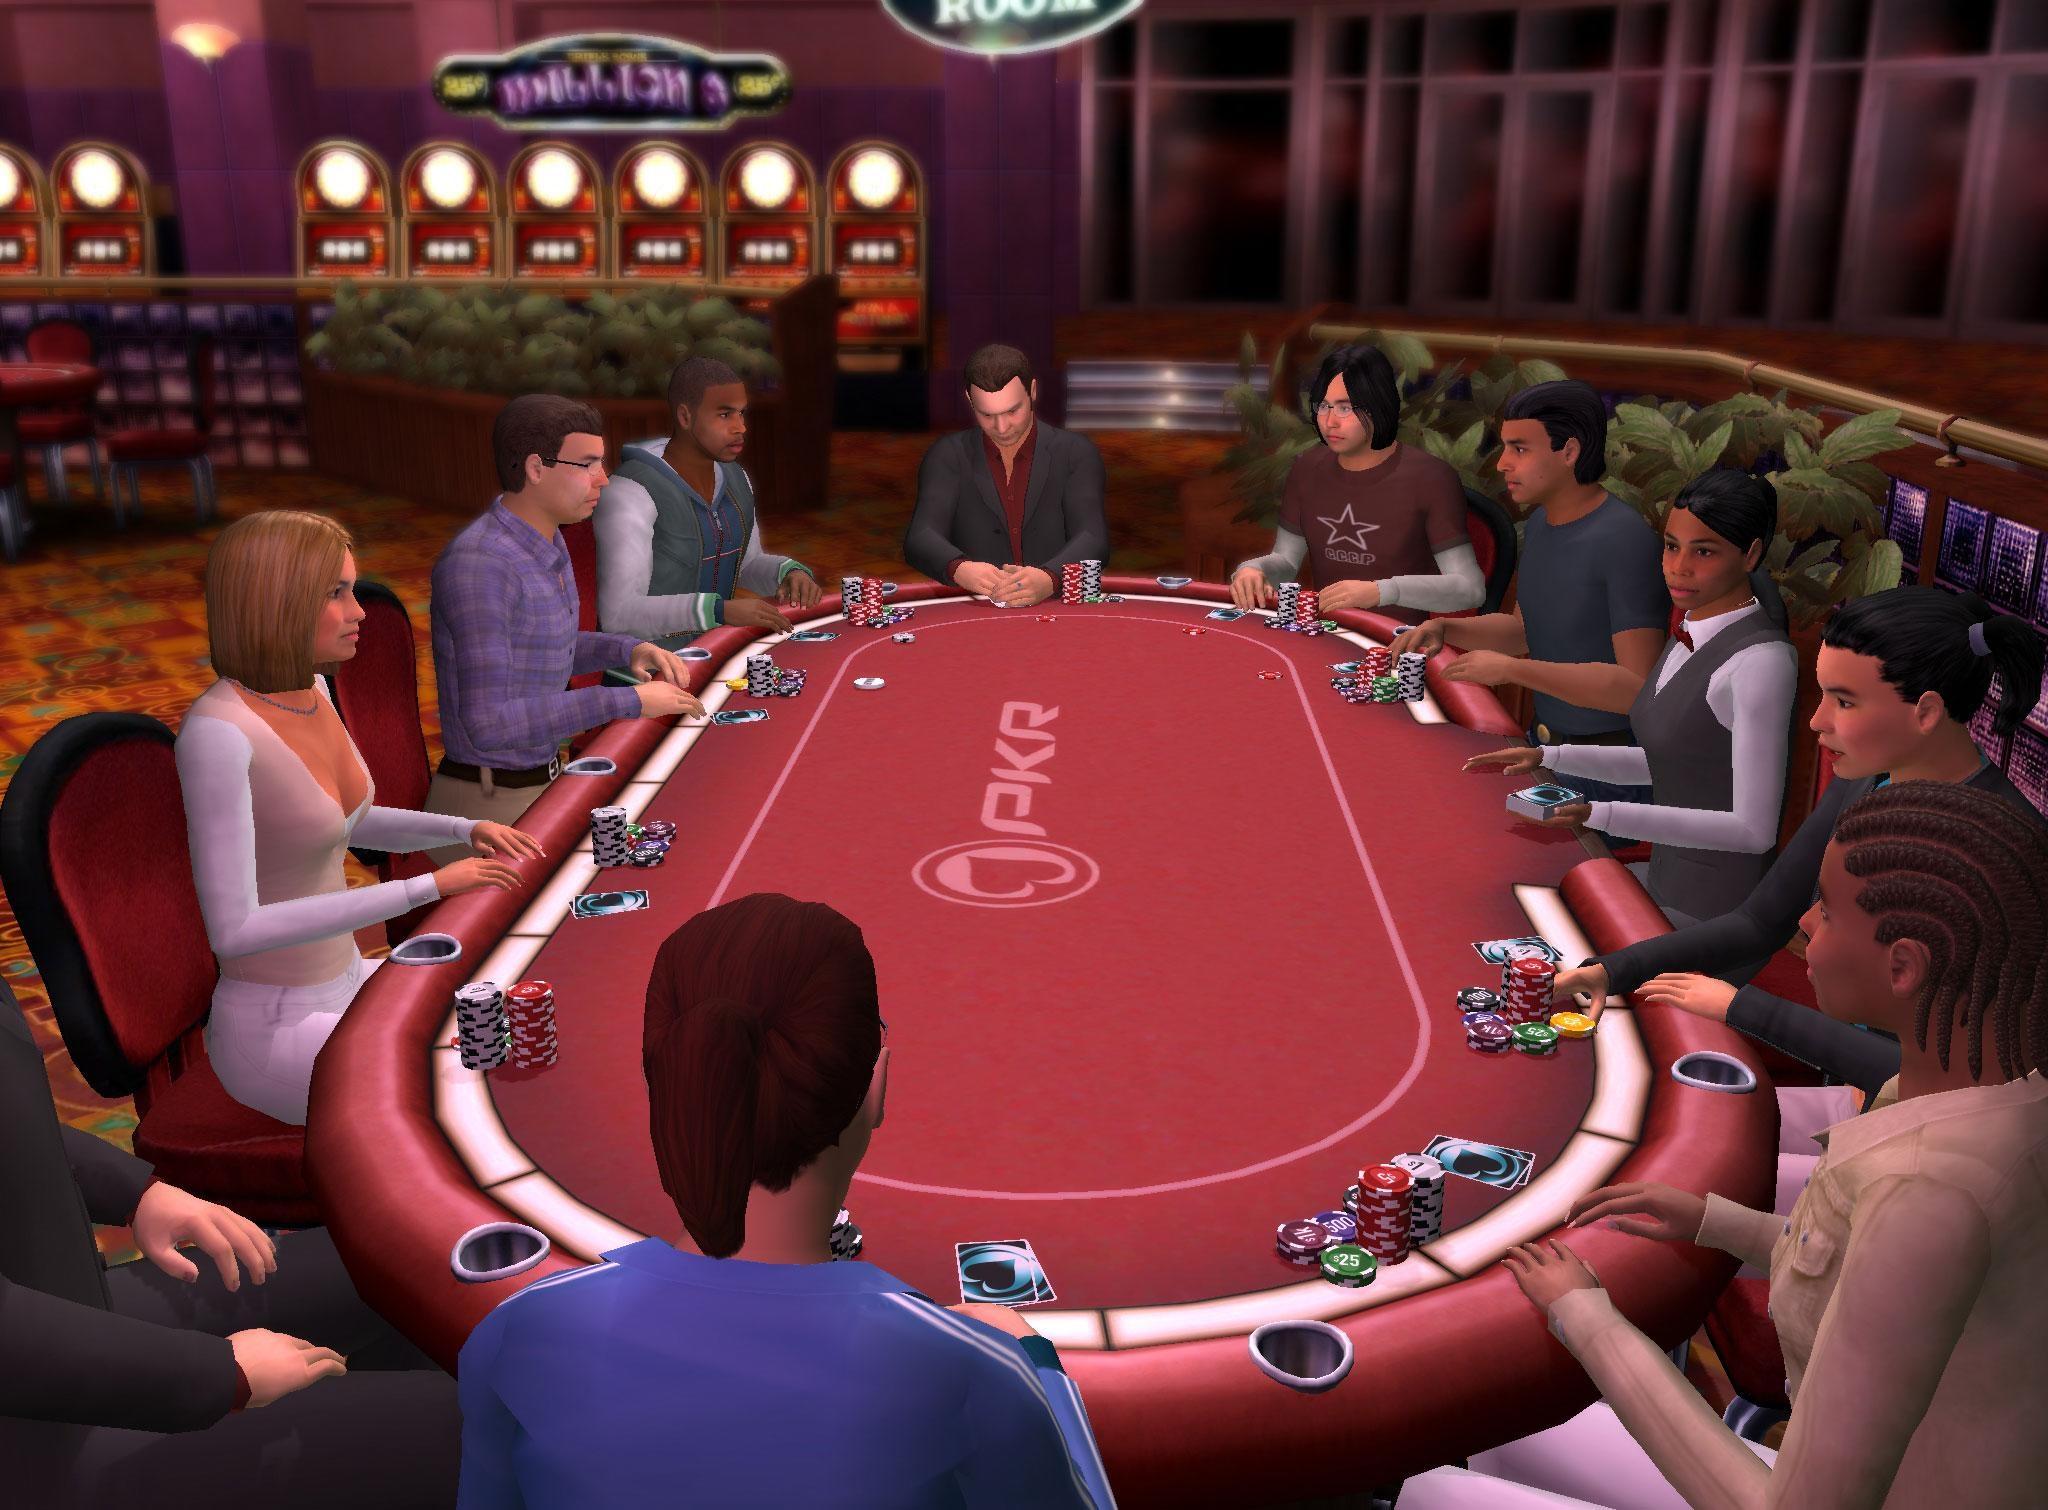 Играть король покер онлайн бесплатно без регистрации на русском языке игровые аппараты в бутово